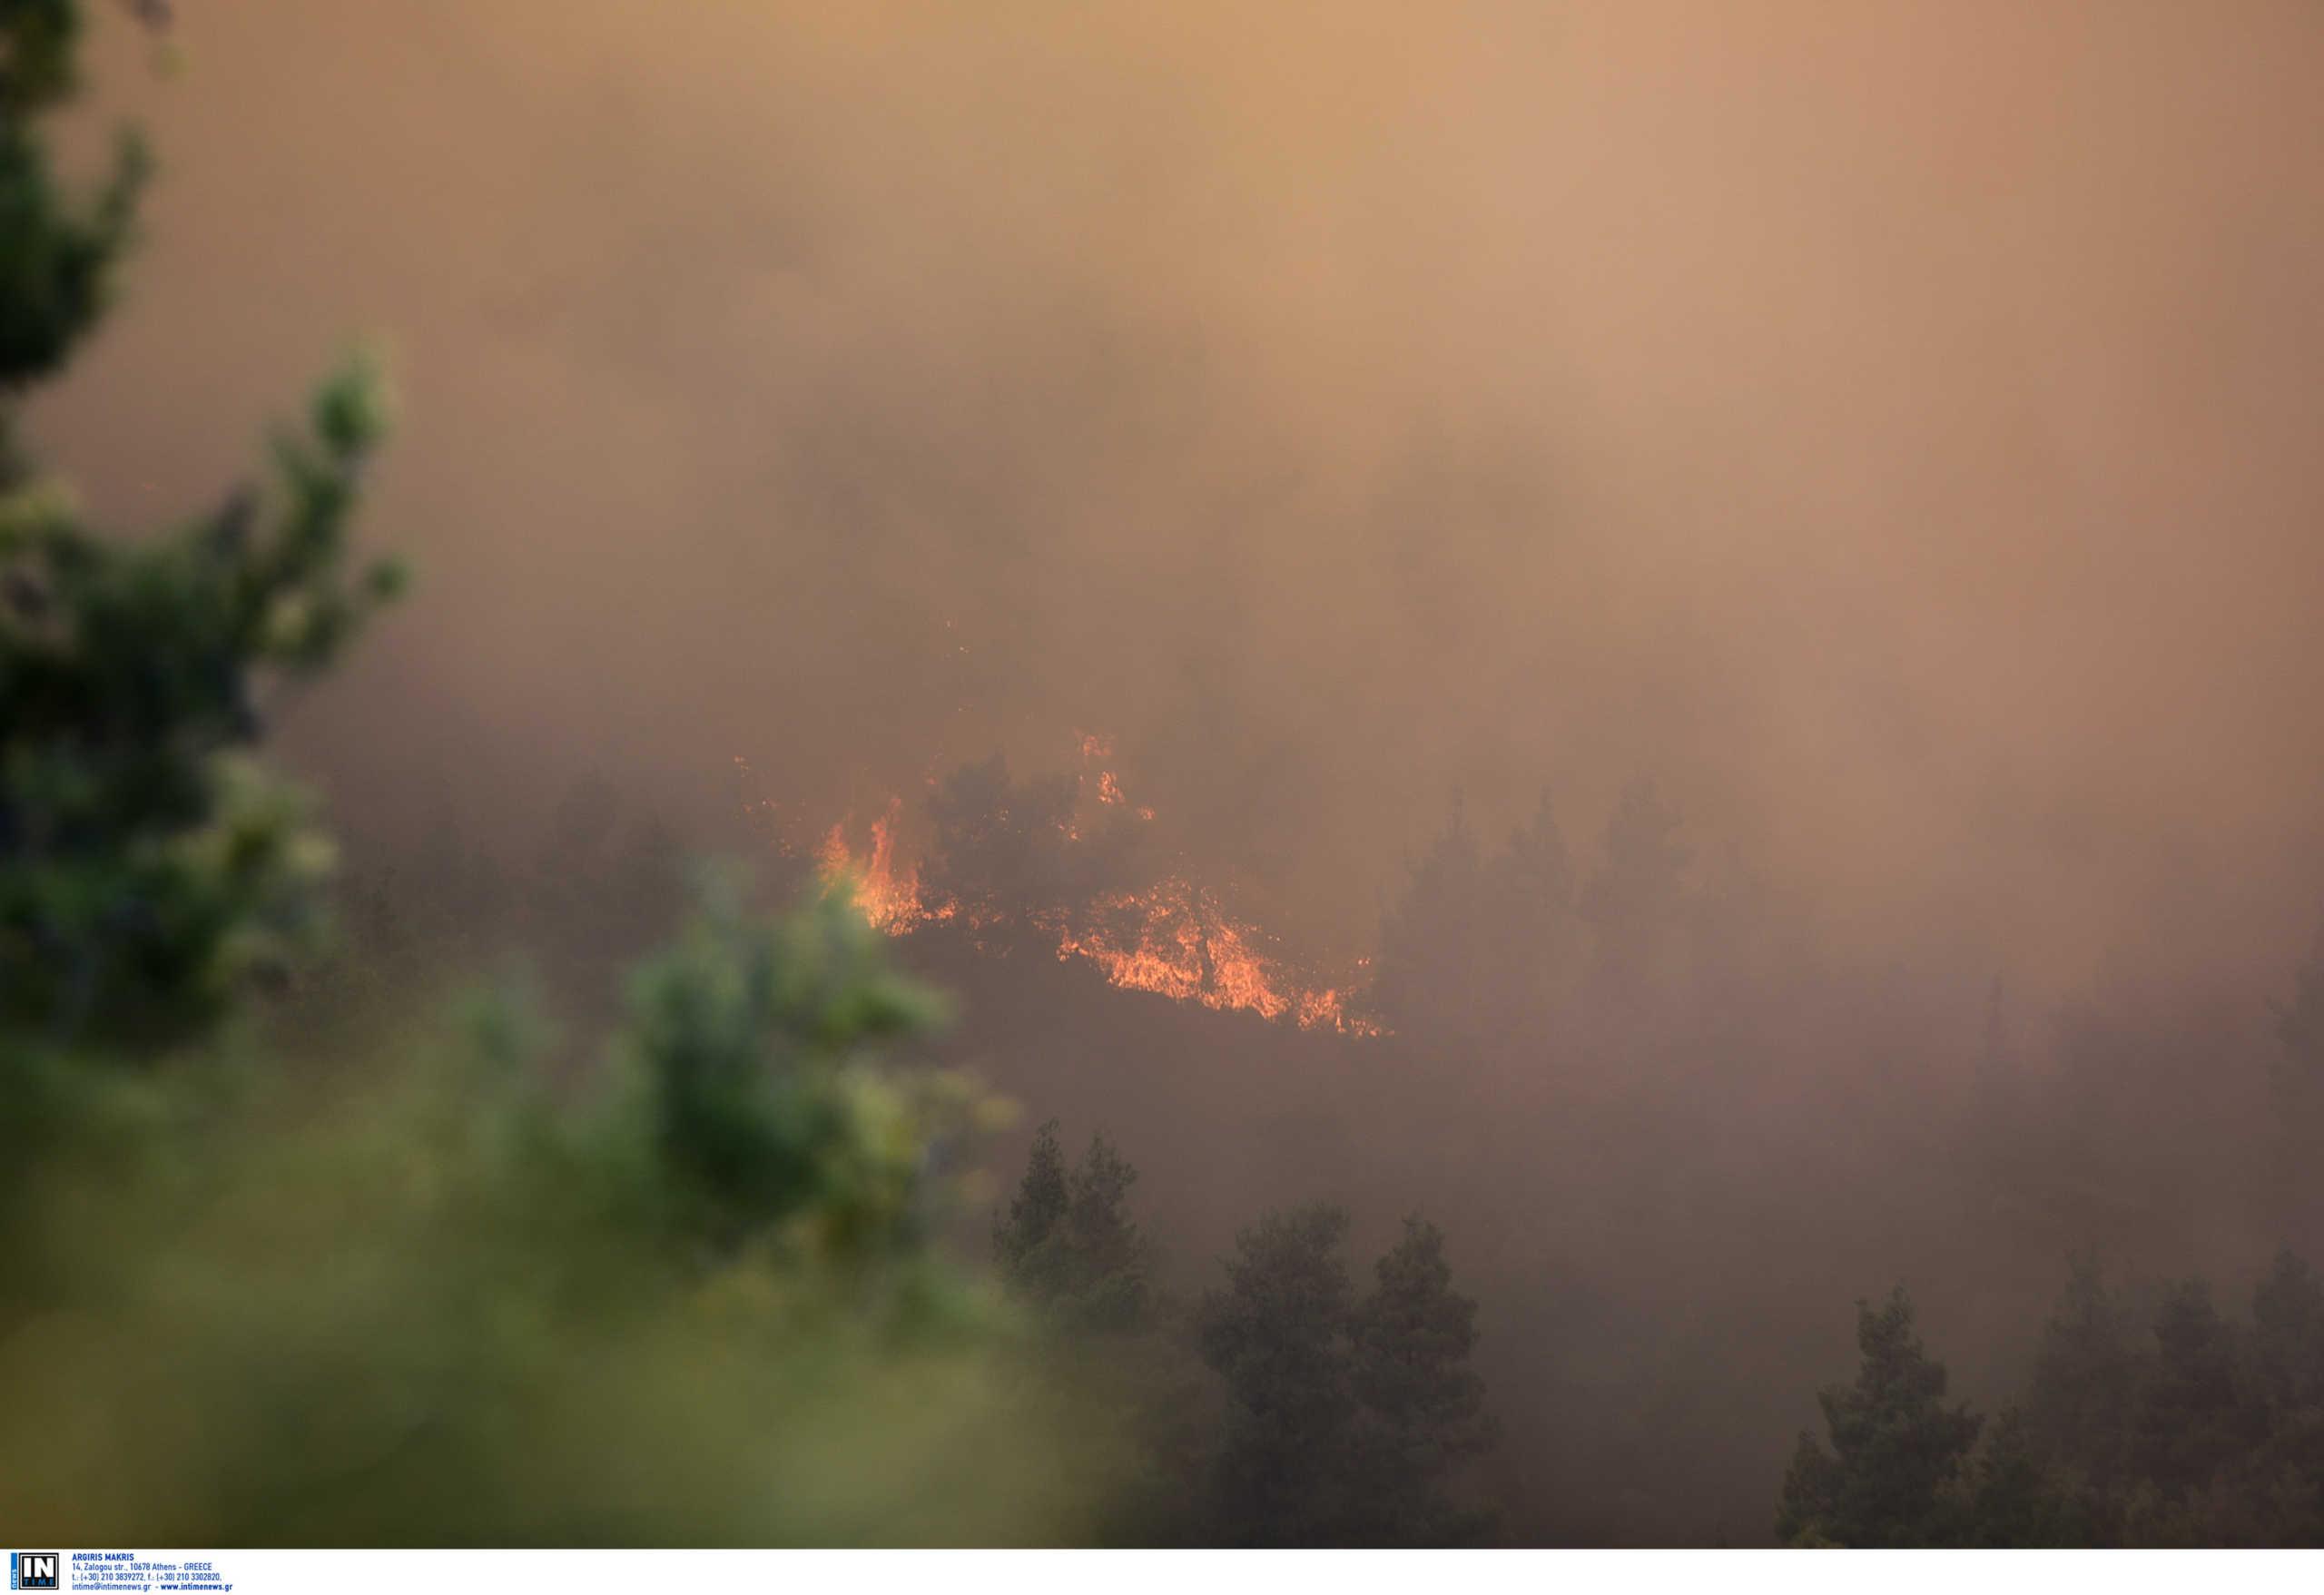 Πάρος: Καίει τα πάντα η φωτιά στο Μαράθι! Δείτε τις προσπάθειες των πυροσβεστών κόντρα στους ισχυρούς ανέμους (Βίντεο)